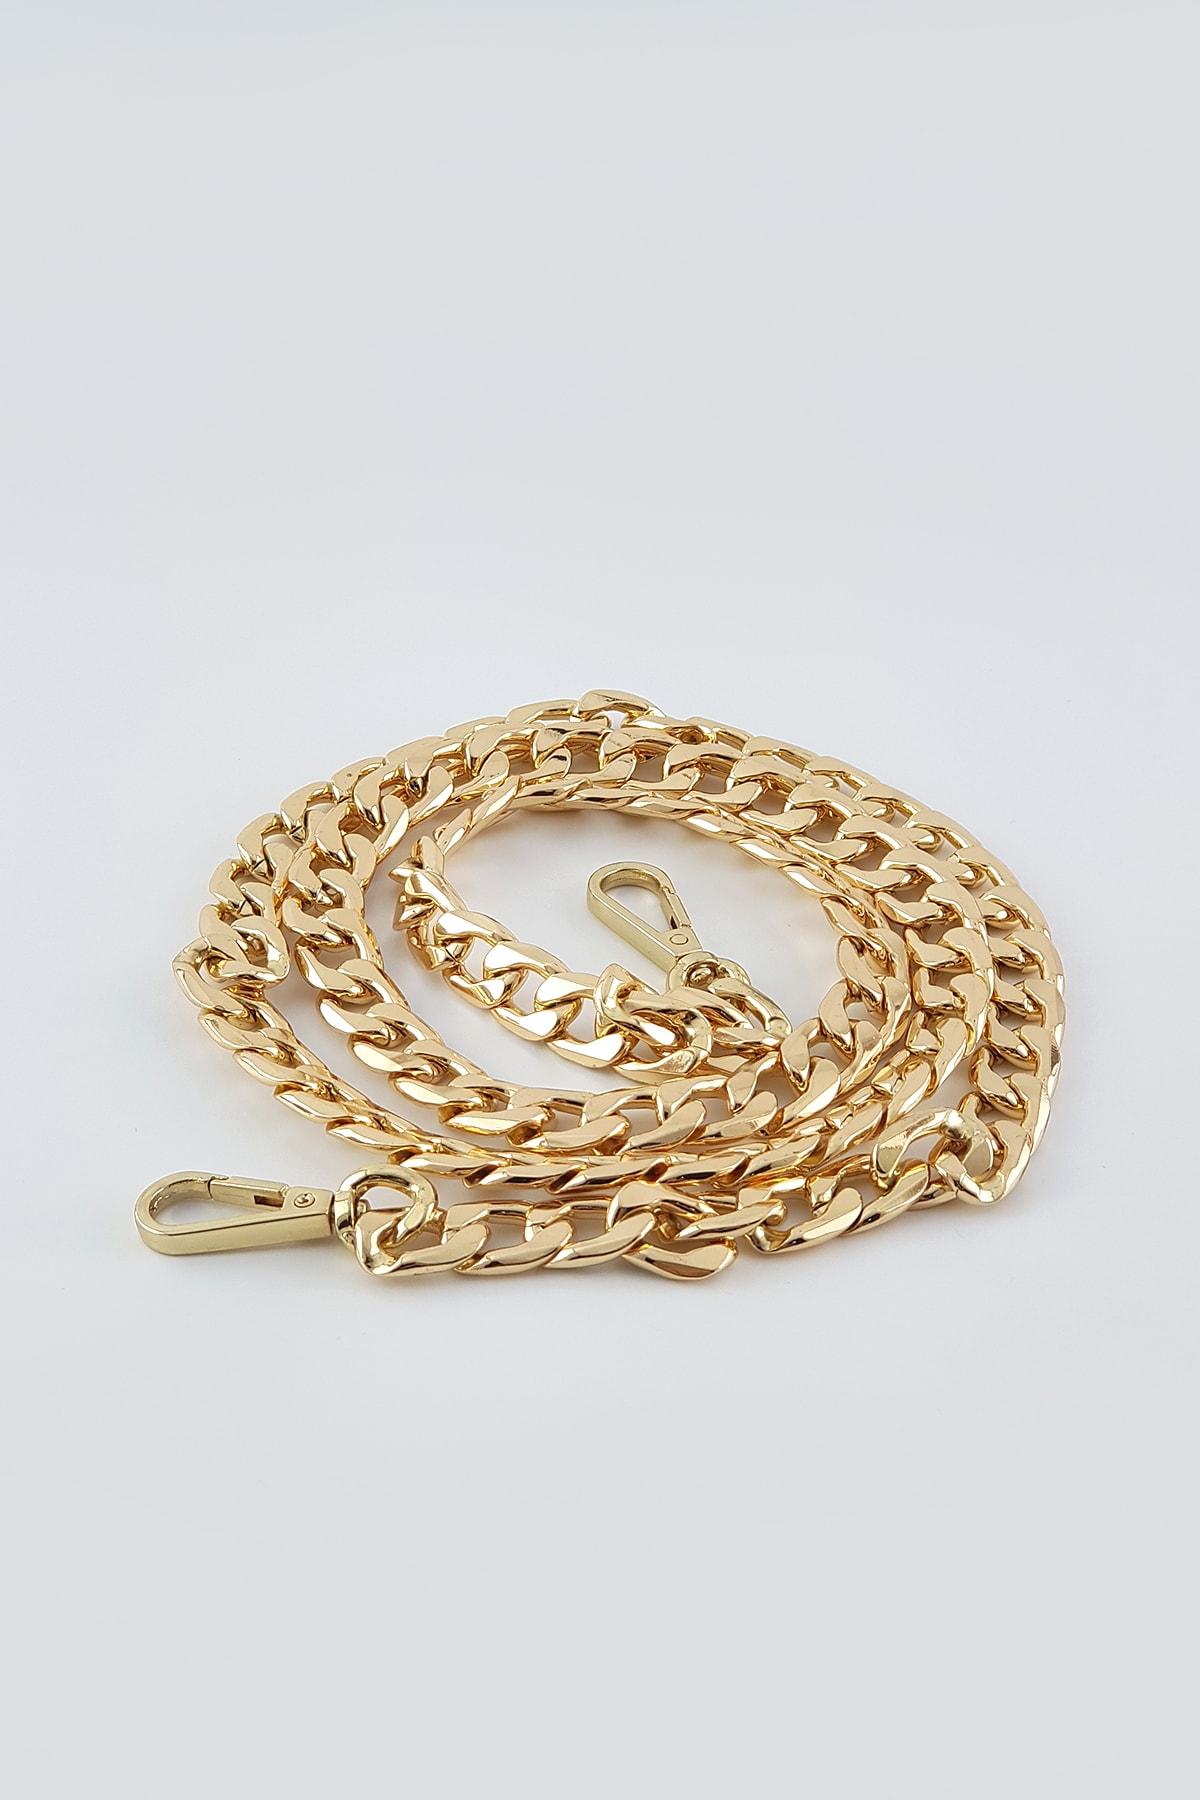 FAEN Gold Zincir Çanta Askısı 2